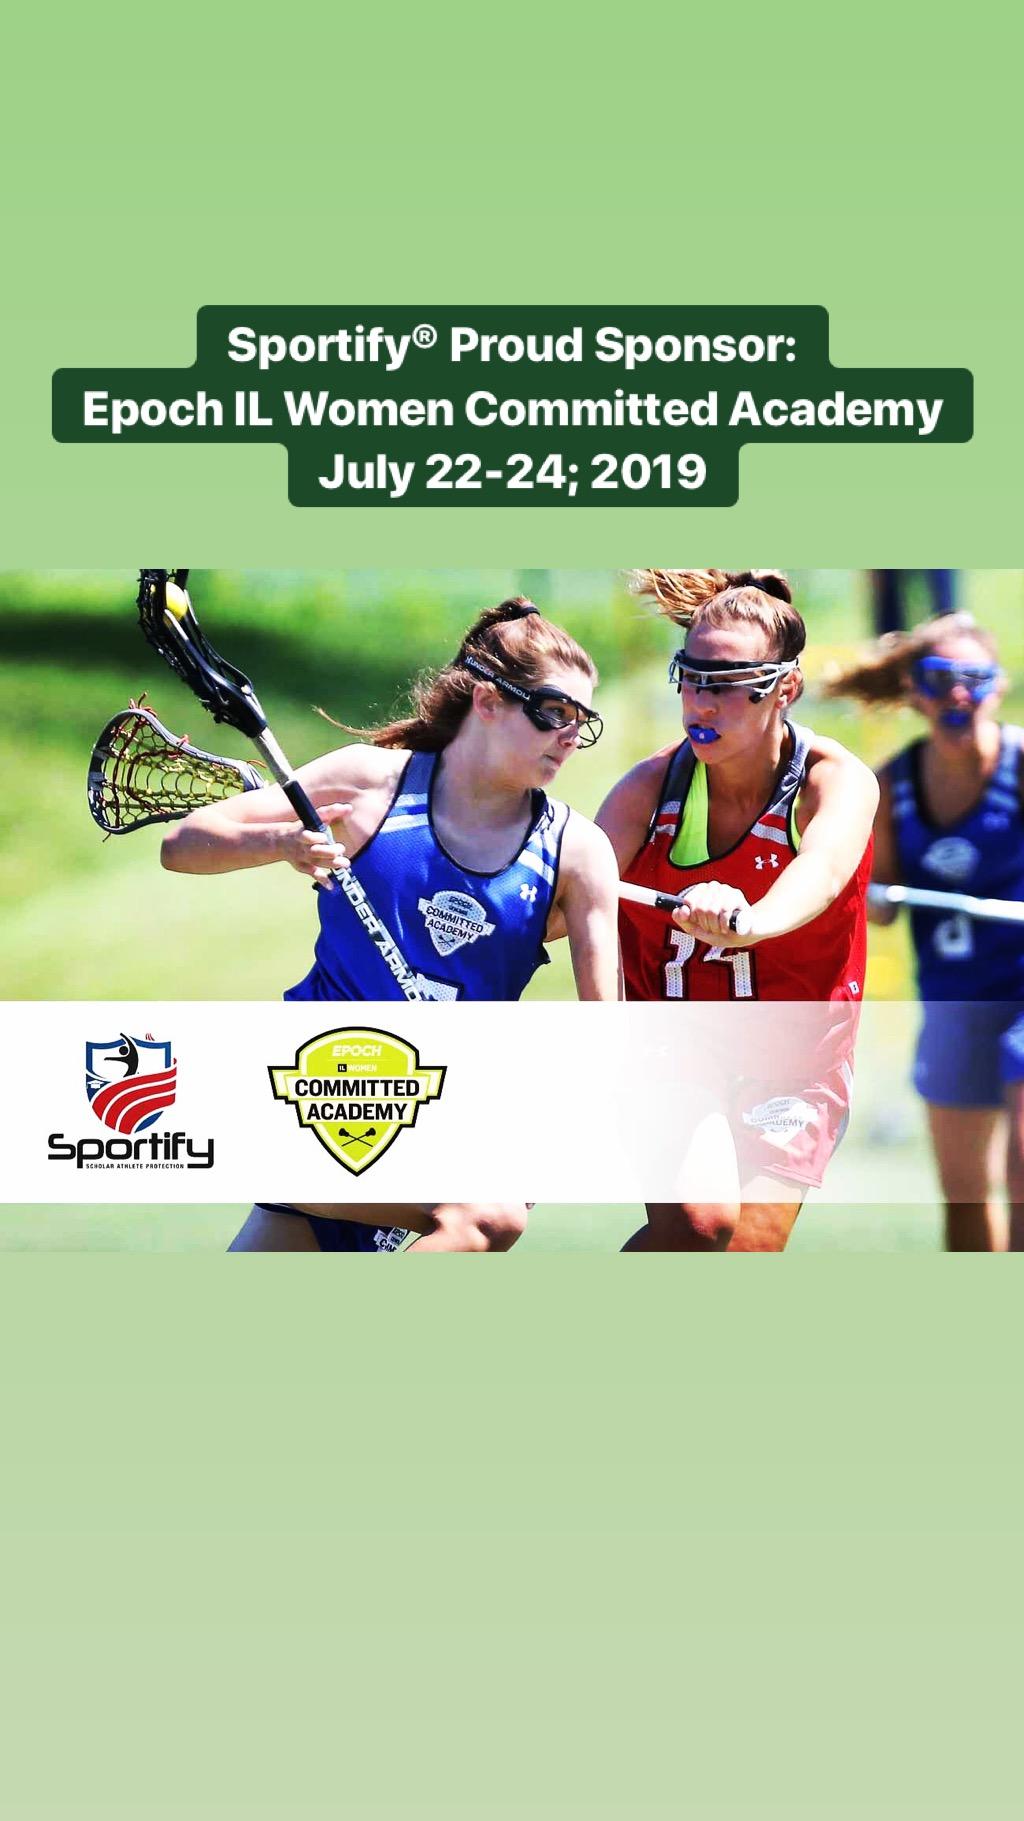 Sportify IL Women Epoch Academy